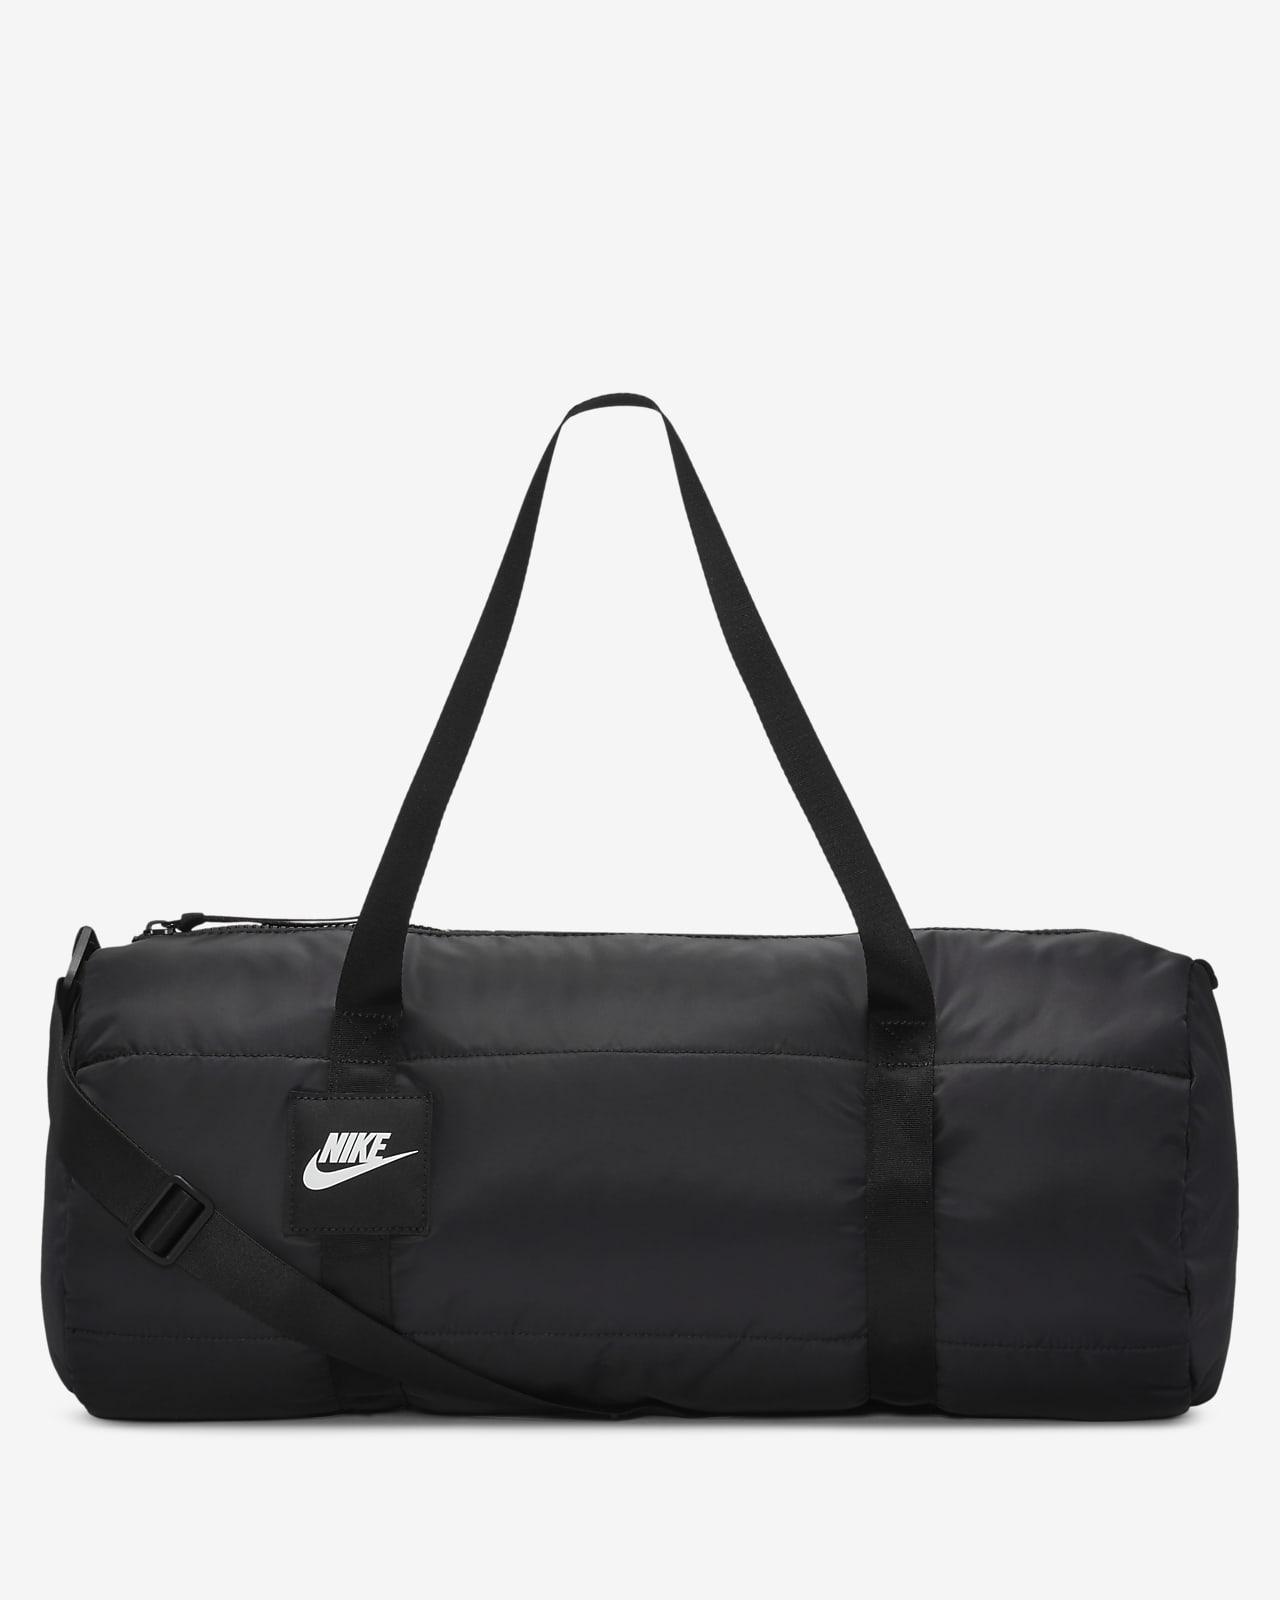 Sac de sport Nike Heritage pour l'hiver